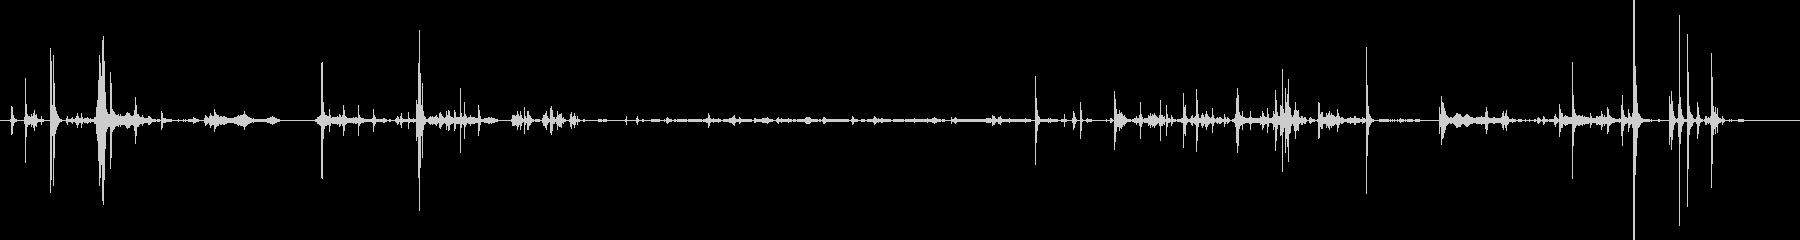 ビューロー、ロールトップ、オープニ...の未再生の波形